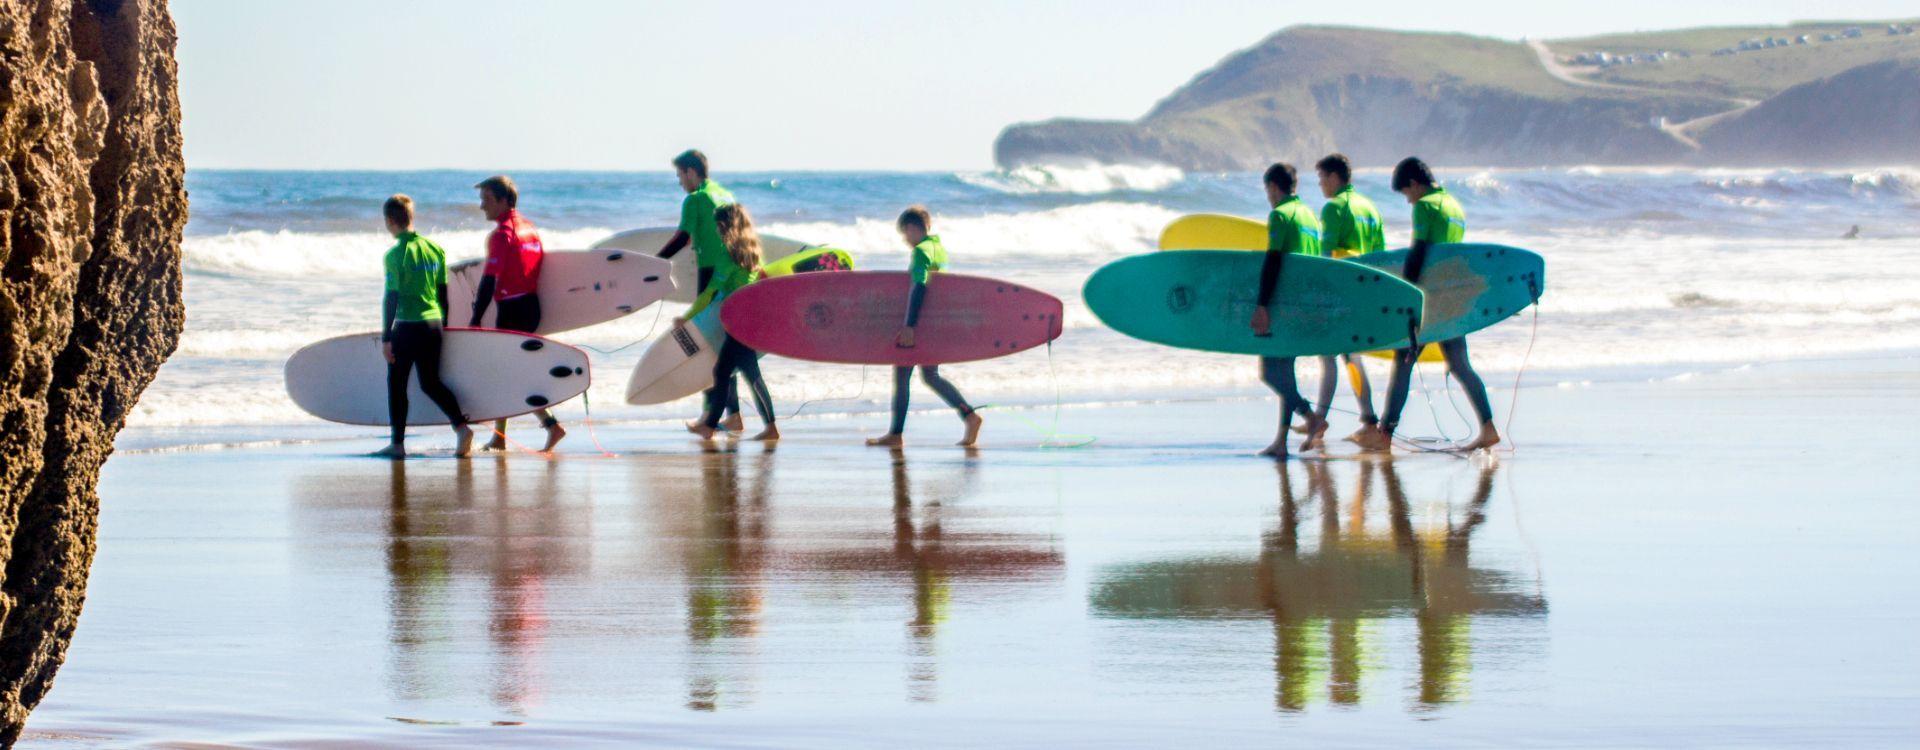 Surfistas aprendiendo surf con Buena Onda